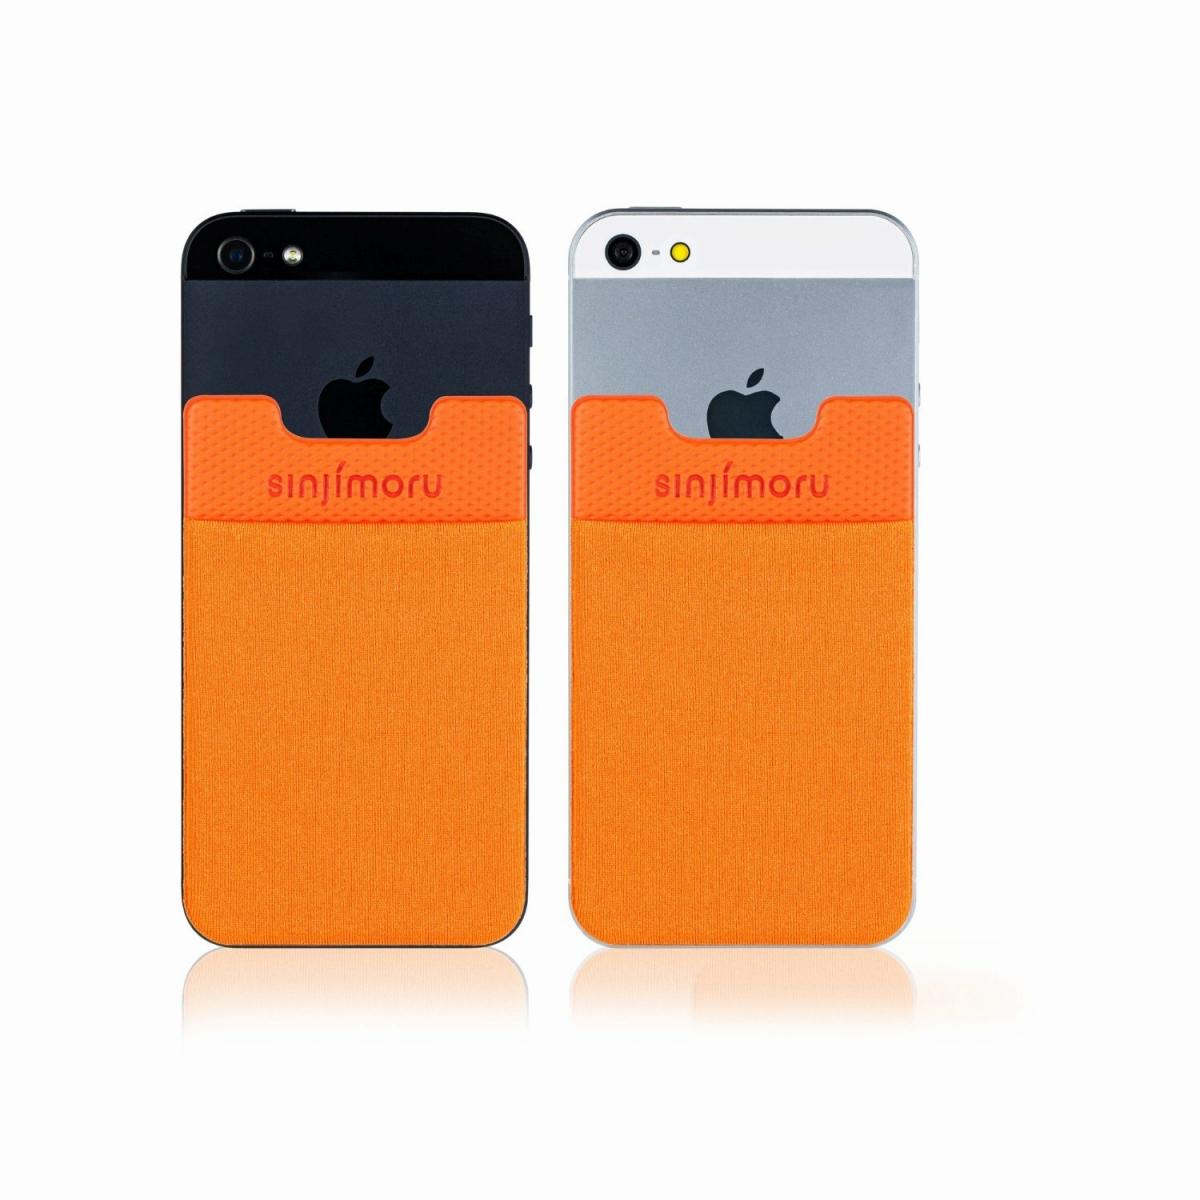 スマートフォンやタブレットなどに貼って剥がせるステッカーブルポケット 送料無料 ROOX ステッカーブルポケット Sinji Pouch Basic2 オレンジ スマホアクセ icカード カード 背面ポケット アイフォン 激安 希少 ステッカーポケット iPhone アイフォーンスマートフォン 収納ポケット 人気 サービス 便利 簡単 スマホ